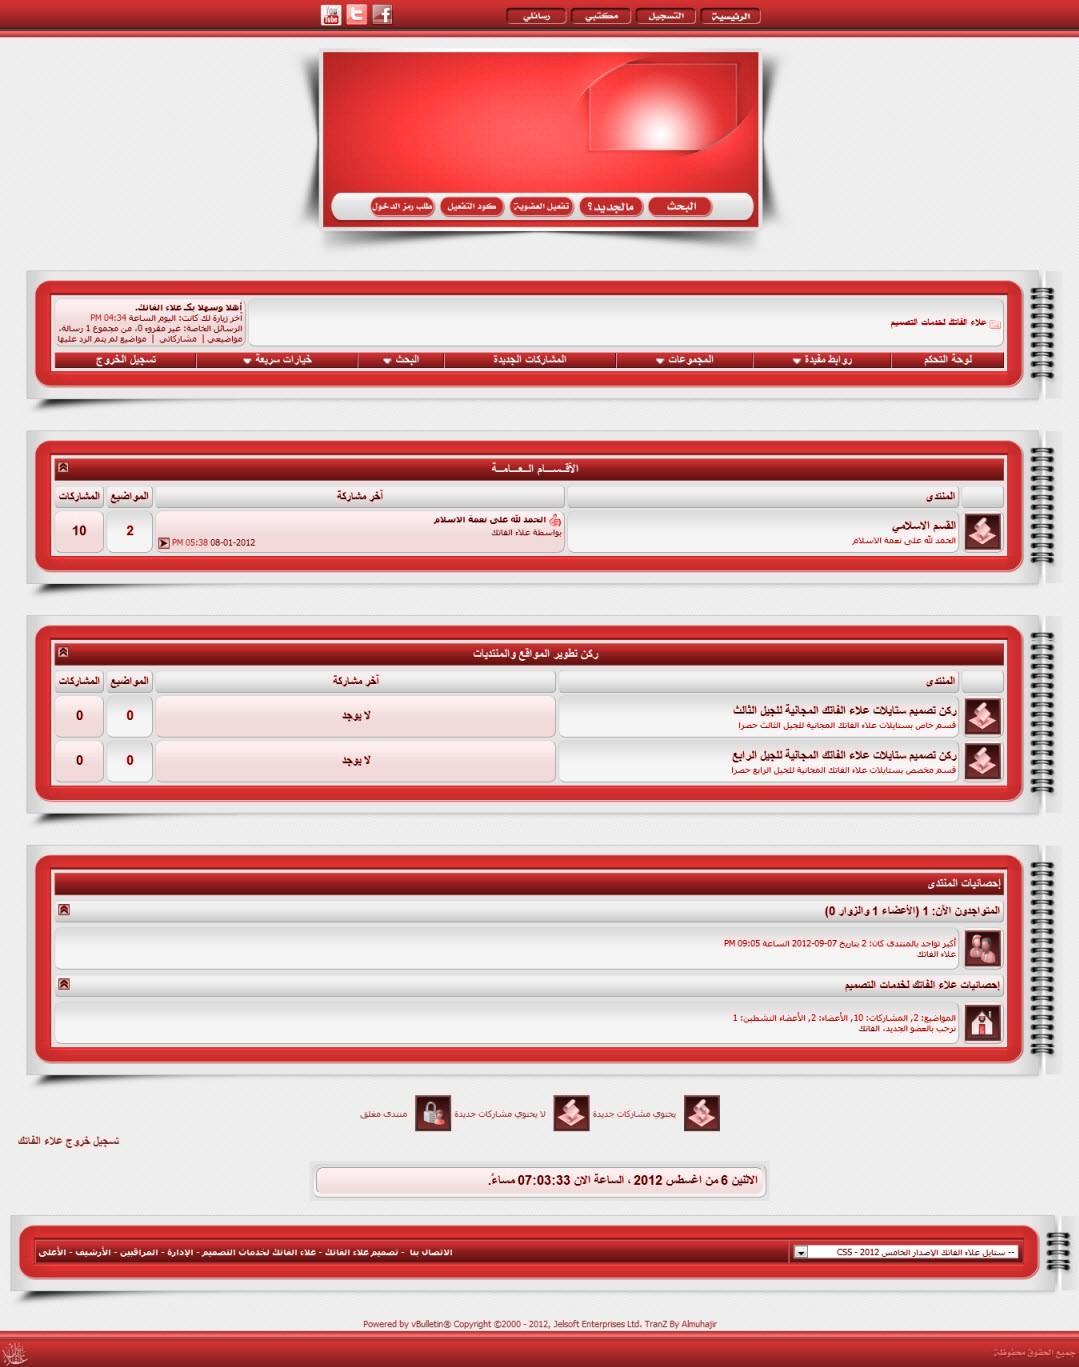 استايل تومبيلات - ستايل علاء الفاتك الإصدار الخامس الازرق الاحترافي تكويد صحيح Ocjz210